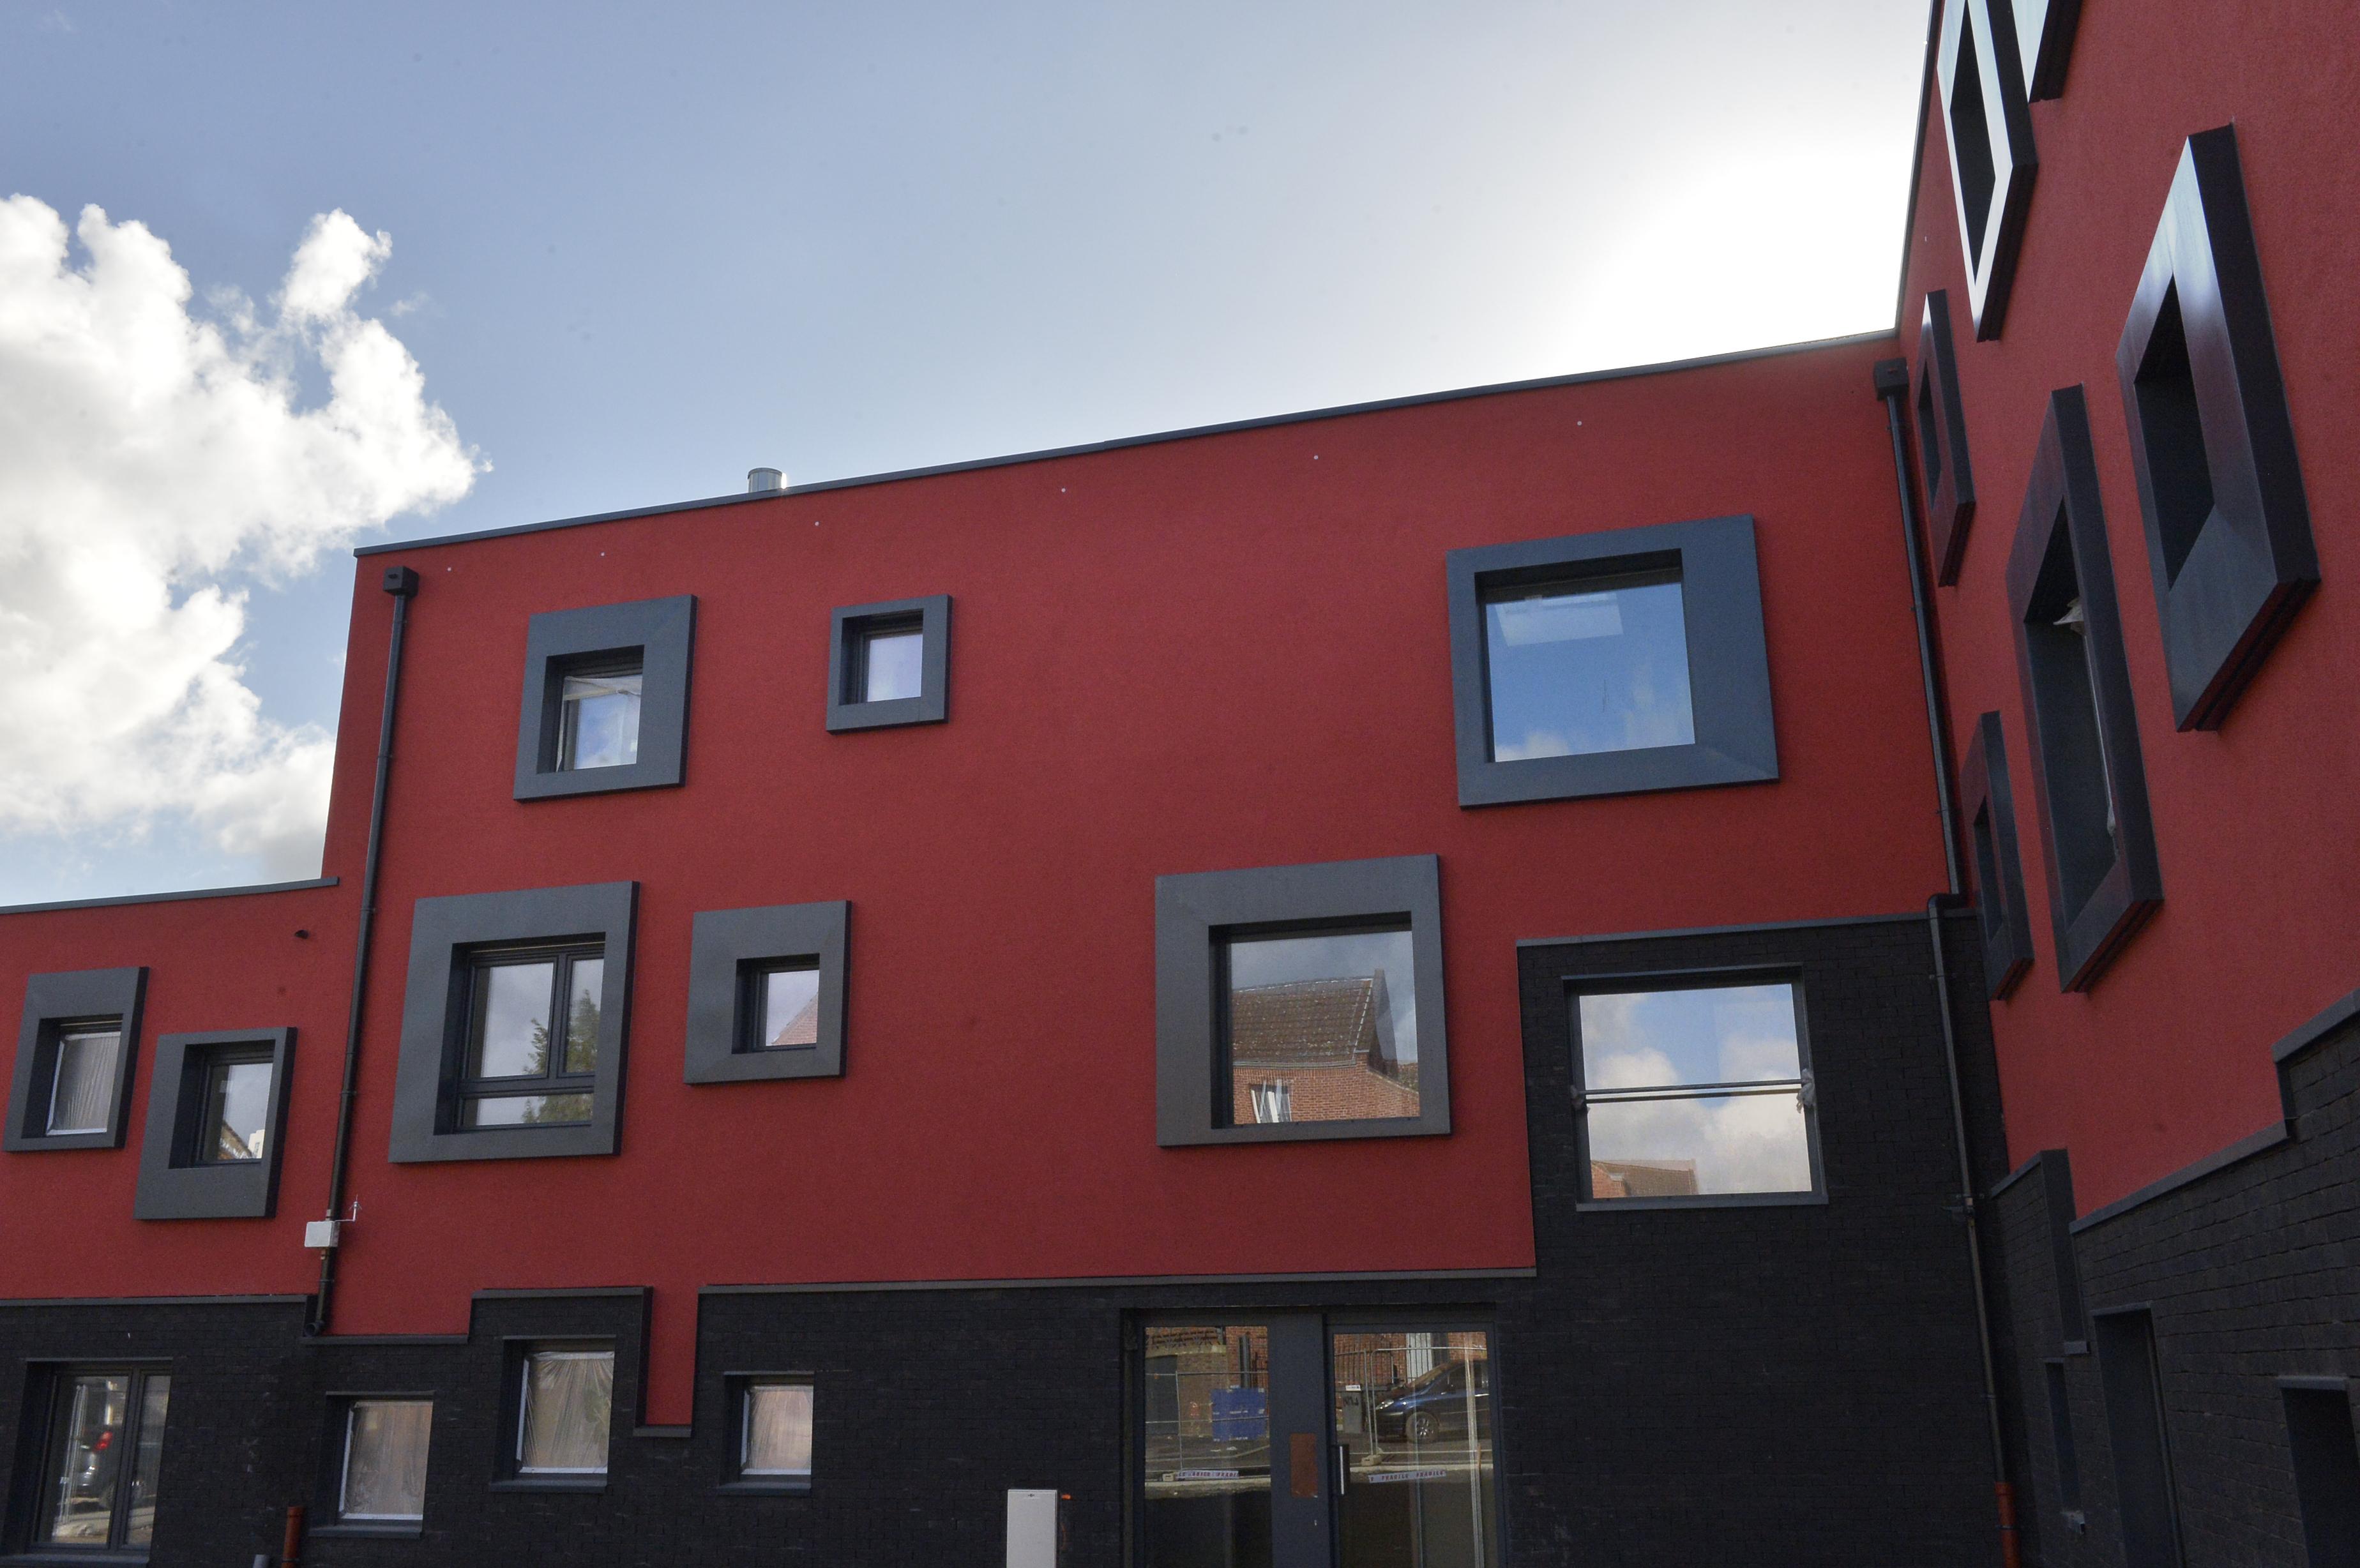 Au rez-de-chaussée, le logement adapté au vieillissement dans son implantation et sa configuration permet à son locataire d'avoir une vie sociale au sein de la résidence. Les premiers arriveront début décembre.